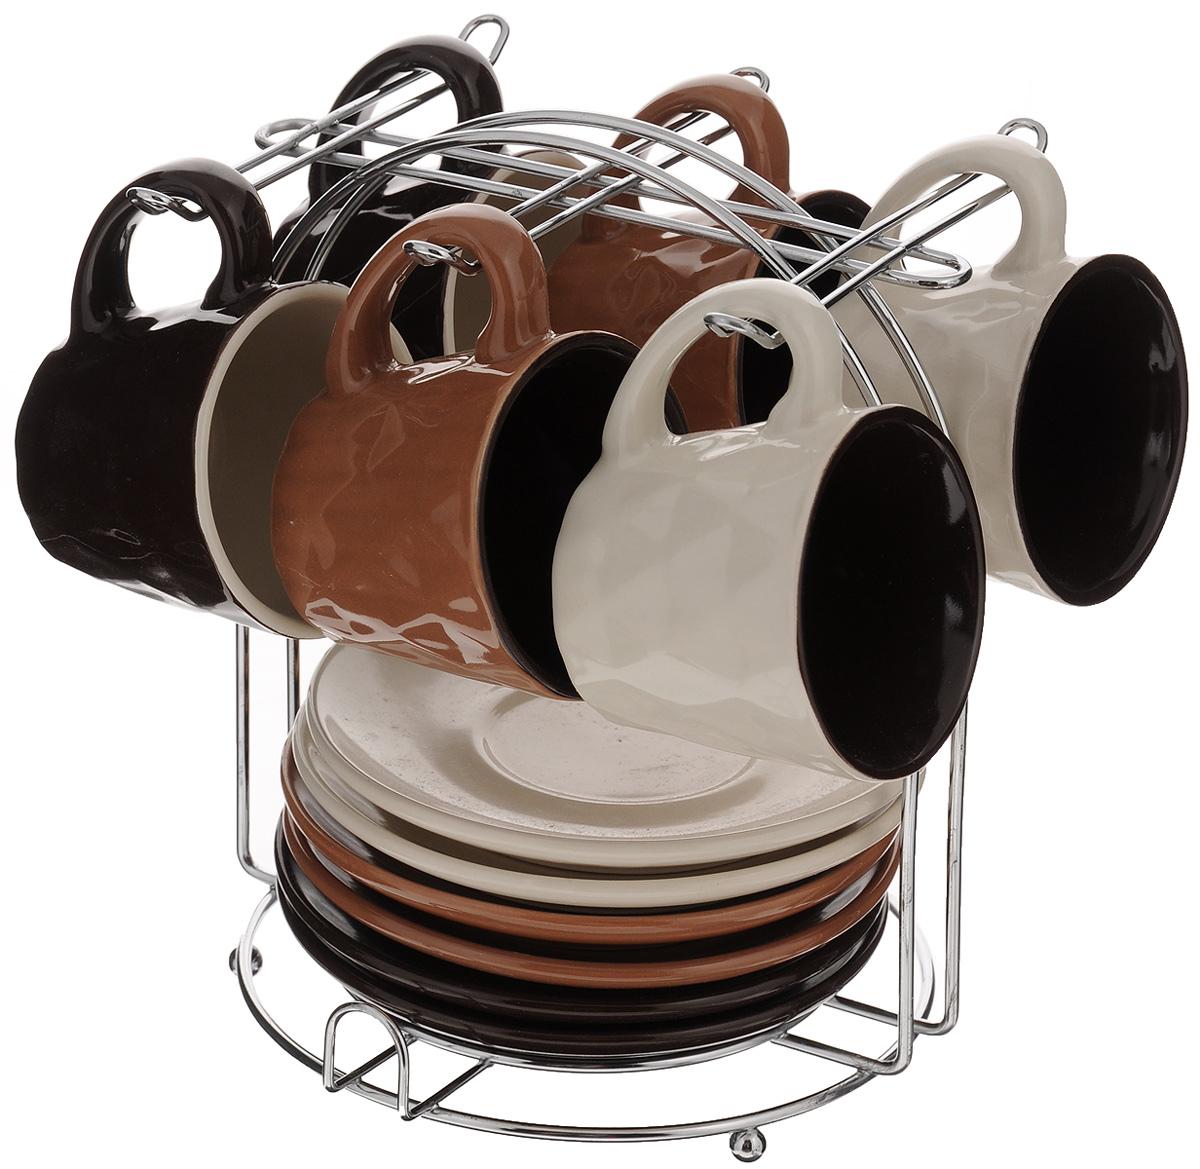 Набор кофейный Loraine, 13 предметов. 2466824668Кофейный набор Loraine состоит из 6 чашек и 6блюдец. Посуда изготовлена из высококачественнойкерамики. Для предметов набора предусмотренаспециальная металлическая подставка с крючками длячашек и подставкой для блюдец. Изящный дизайнпридется по вкусу и ценителям классики, и тем, ктопредпочитает утонченность и изысканность.Набор Loraine настроит на позитивный лад и подаритхорошее настроение с самого утра. Он станетидеальным и необходимым подарком для вашего домаи для ваших друзей в праздники. Посуда подходит для использования в микроволновойпечи и холодильнике, также можно мыть впосудомоечной машине.Объем чашки: 90 мл.Диаметр чашки (по верхнему краю): 6,5 см.Высота чашки: 5,5 см.Диаметр блюдца: 11,5 см.Высота блюдца: 1,7 см. Размер подставки: 14,5 х 15 х 18,7 см.